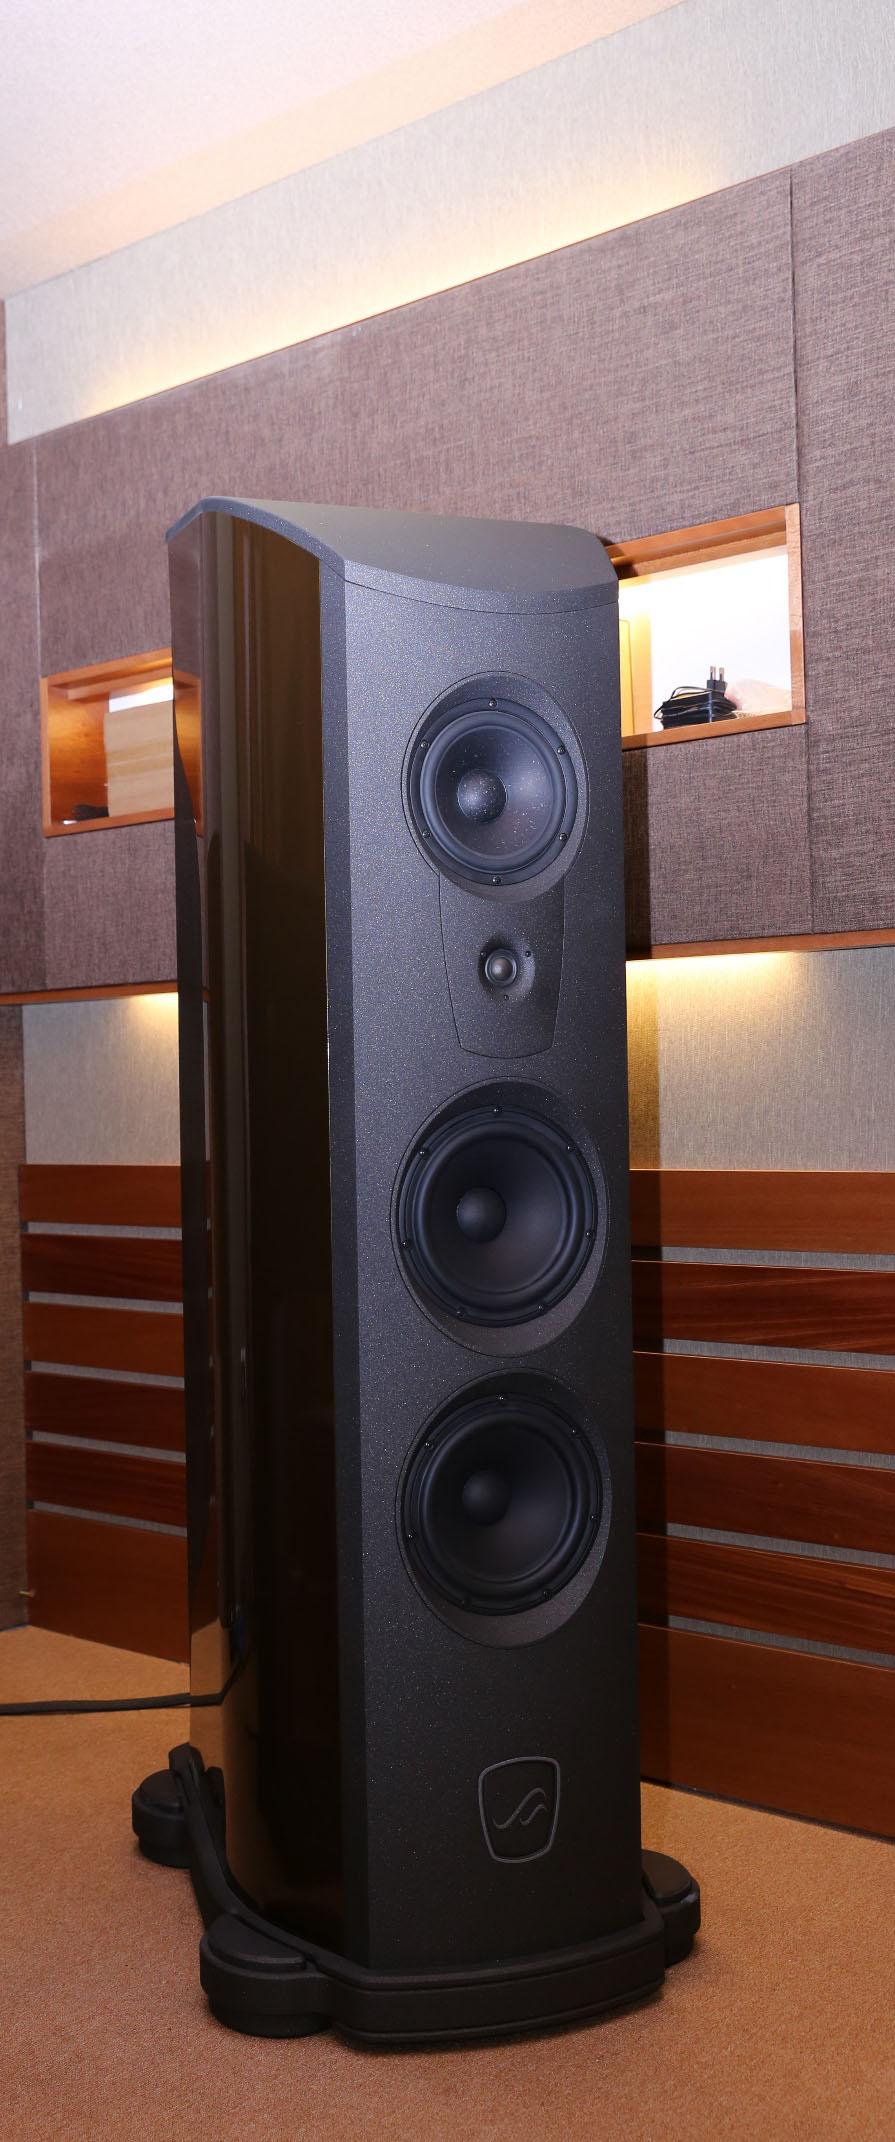 Audiohanoi – Độc quyền Audiosolutions, B&W, Chario, Pilium, Audioquest